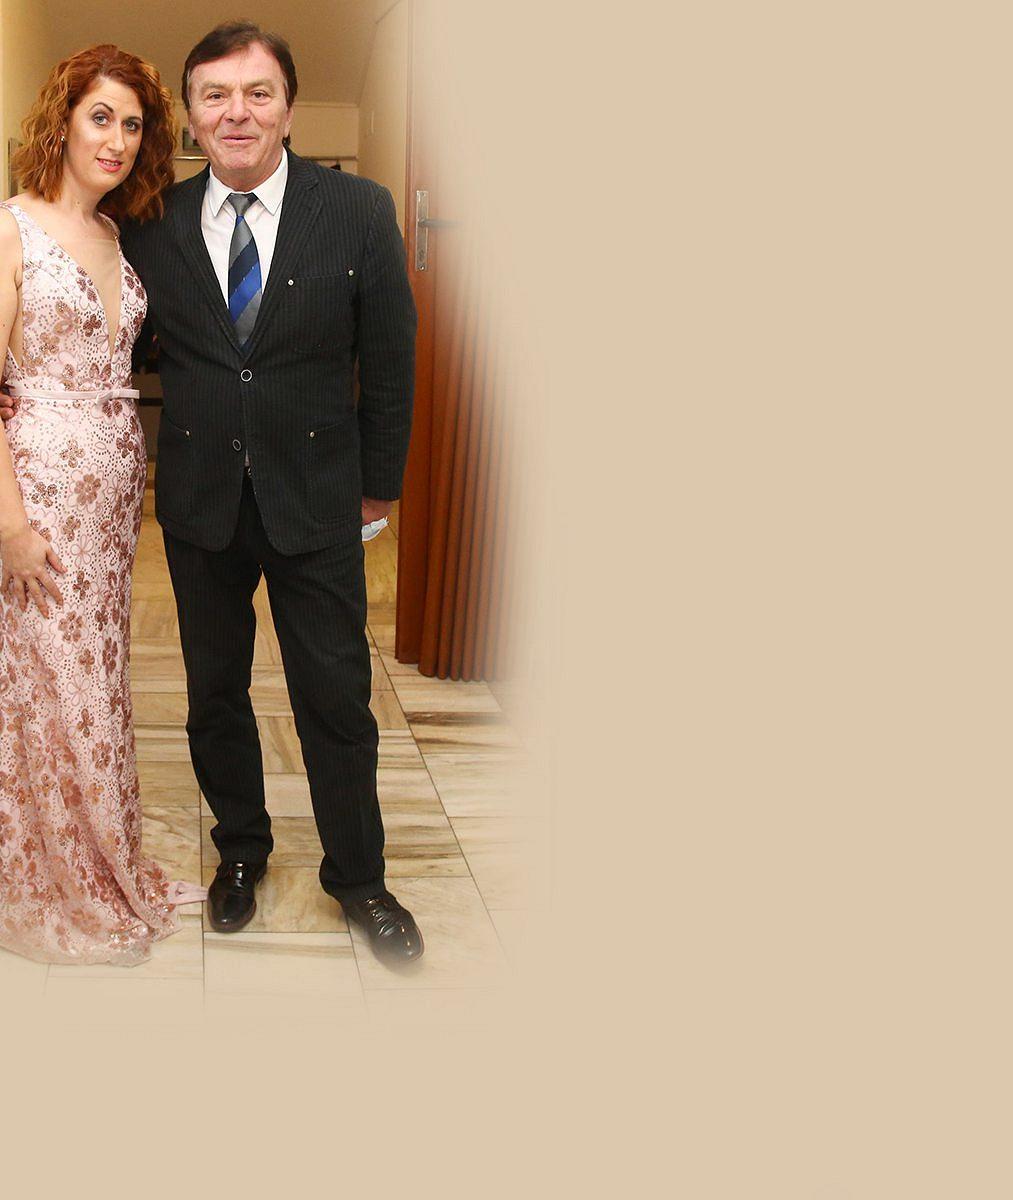 Manželé Trávníčkovi konečně spolu na veřejnosti: A bez Svěceného!